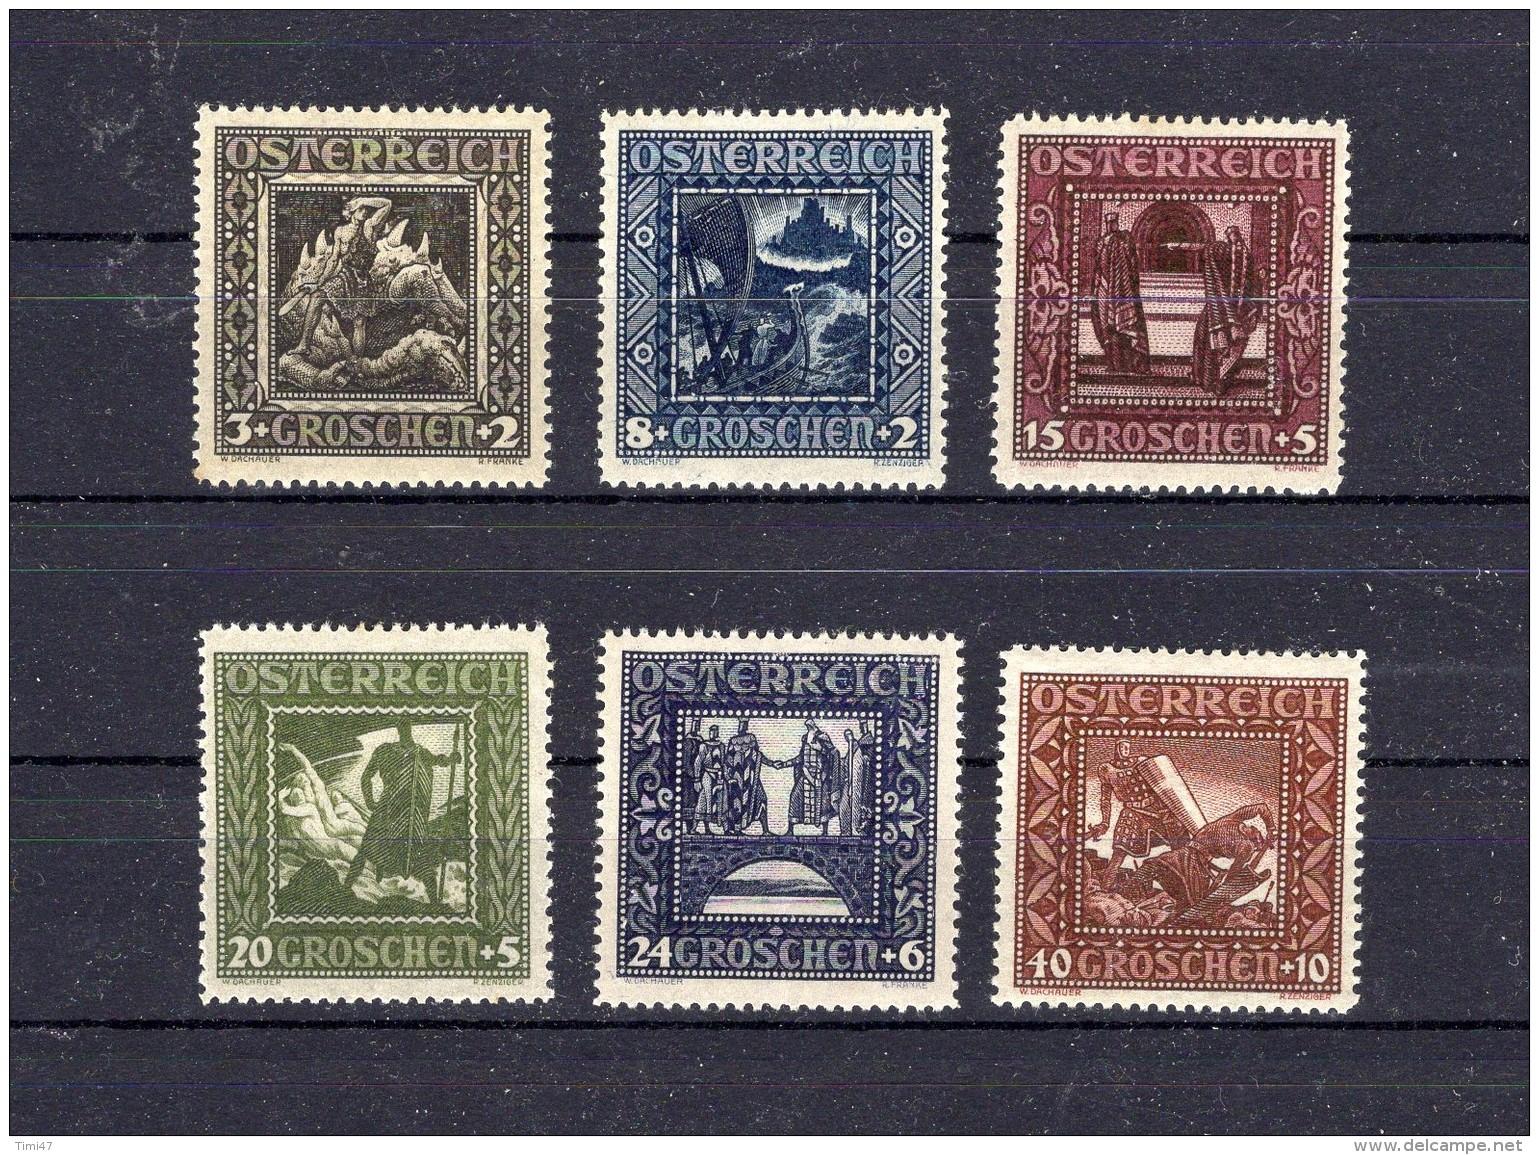 AUTRICHE 1926 Zumstein N° 462-467 Neuf X - Ungebraucht